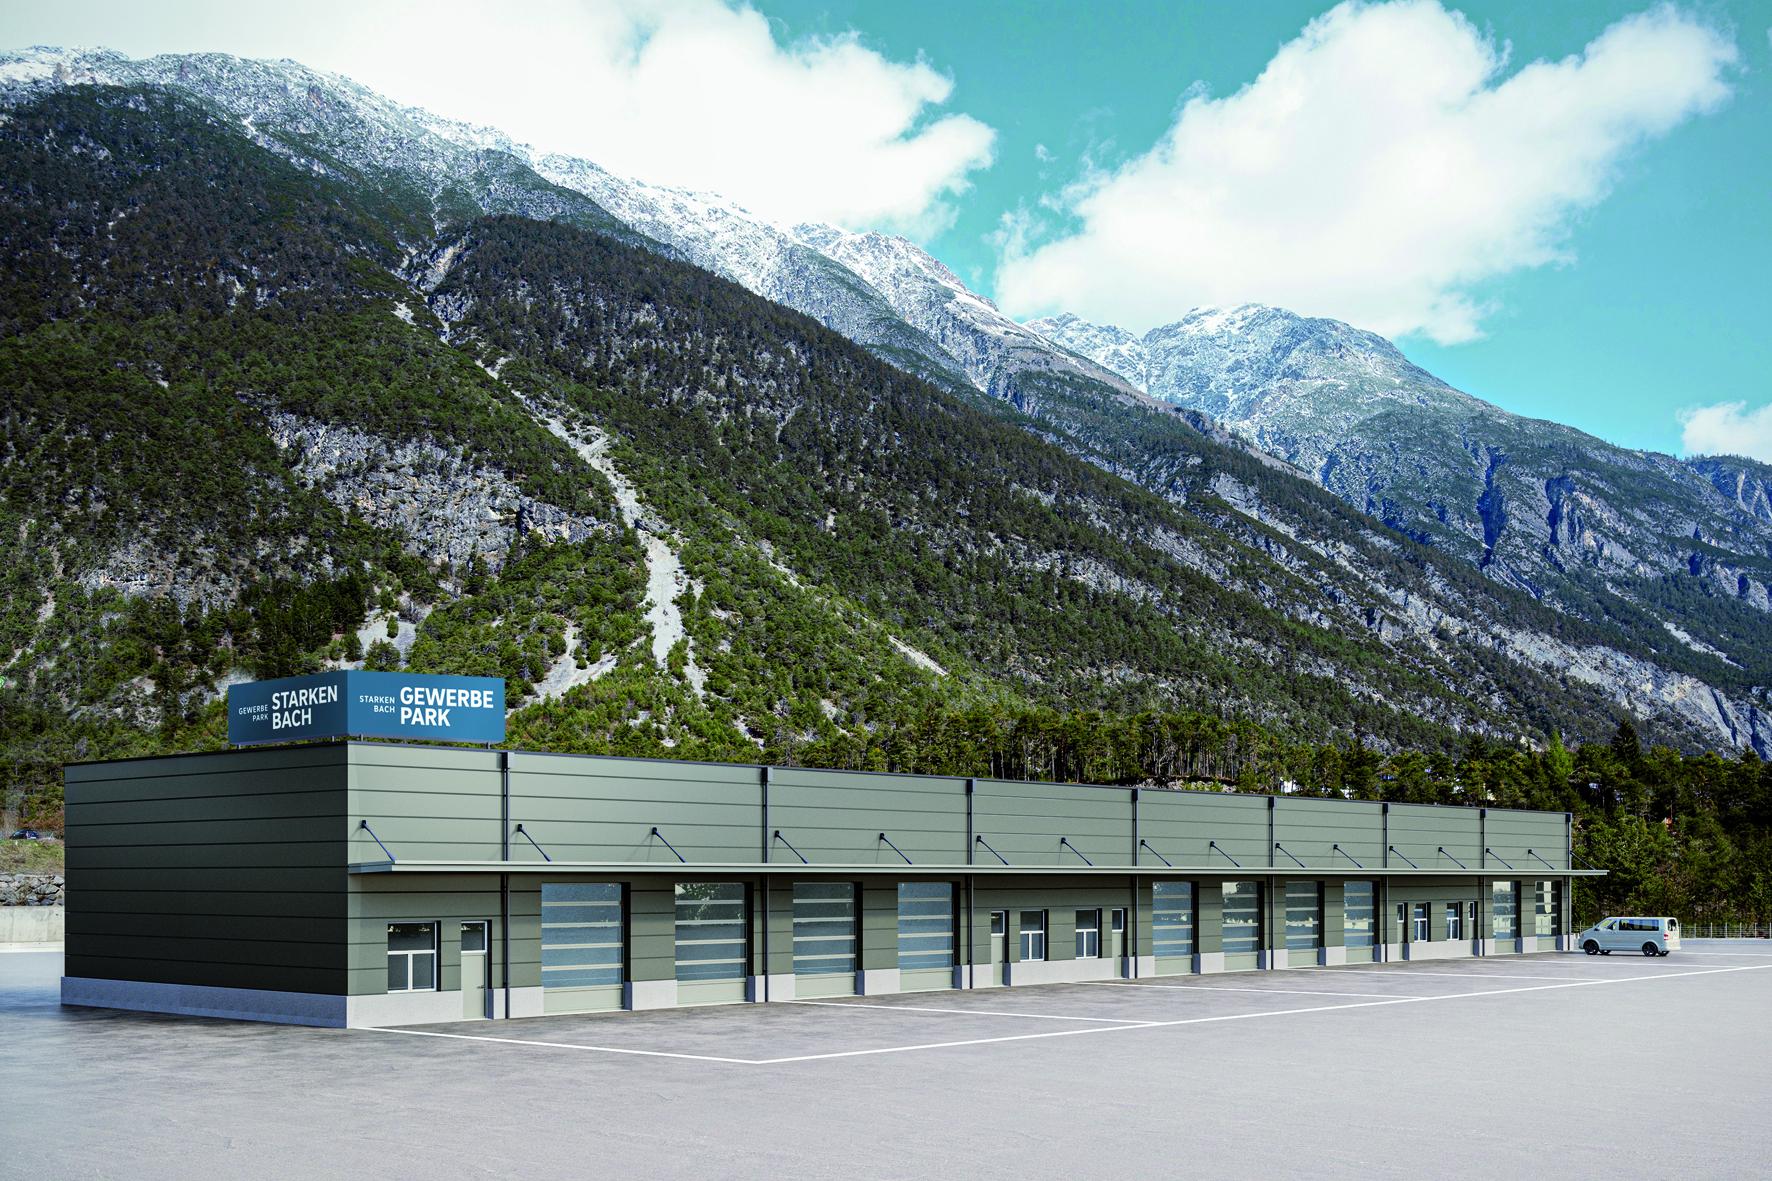 Bild zeigt Gewerbepark Starkenbach (Visualisierung), der von der BODNER Gruppe errichtet wird